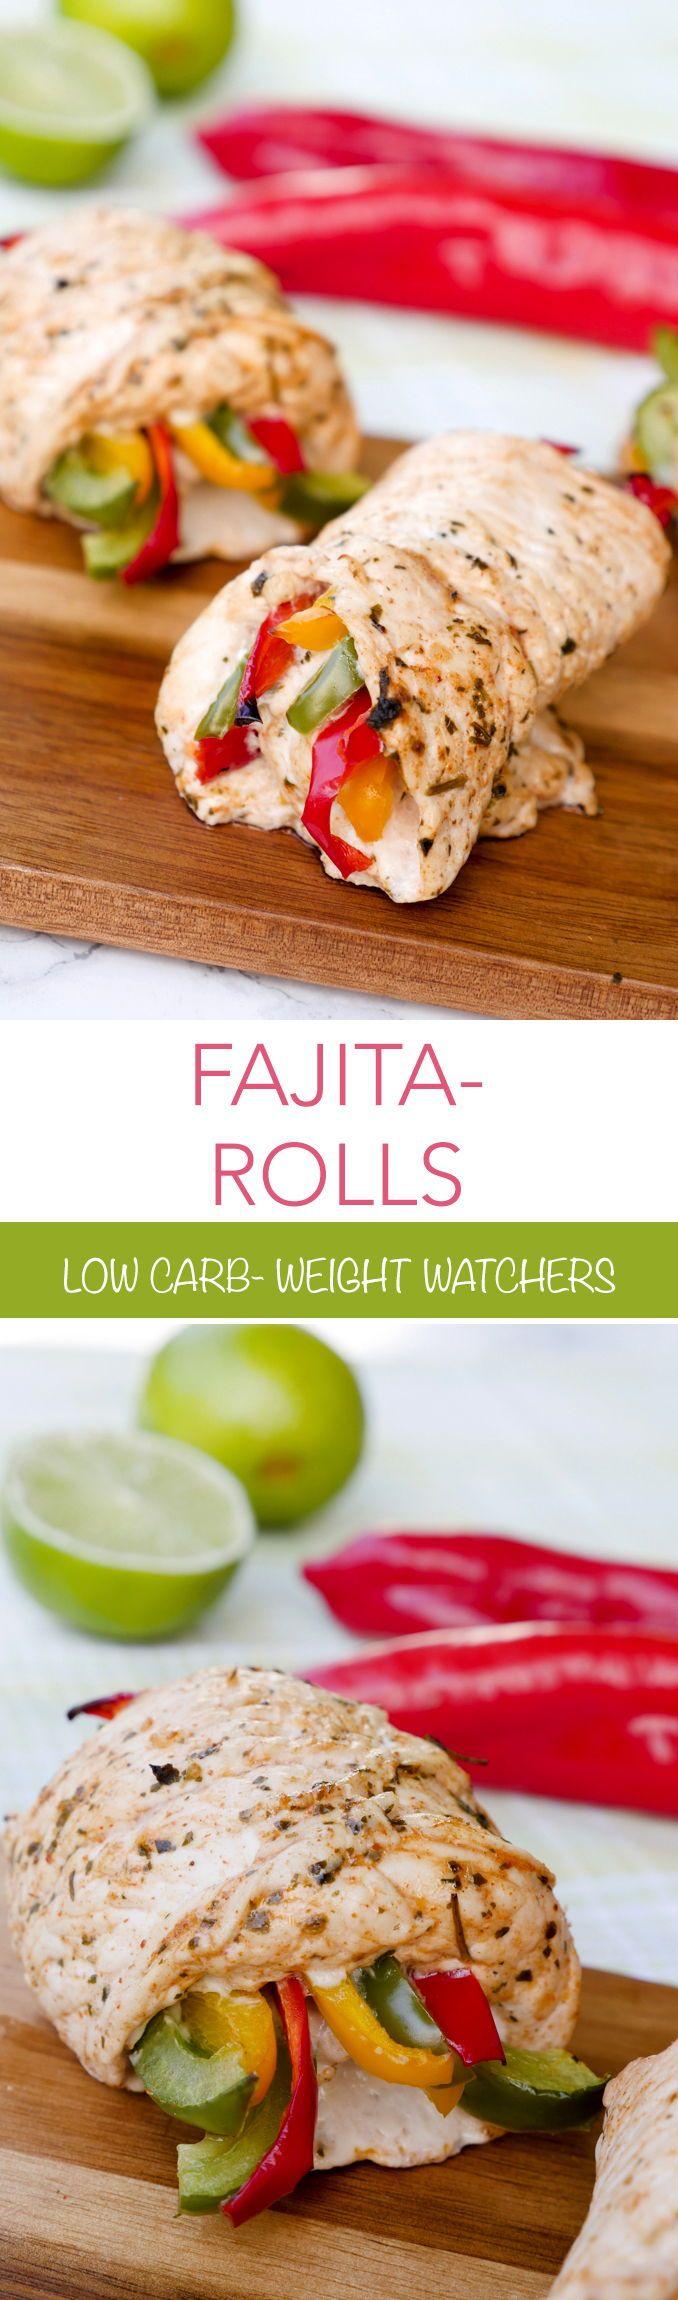 Schnelle Low Carb Hähnchen Fajita Röllchen mit leckerer Marinade #recipeforchickenfajitas